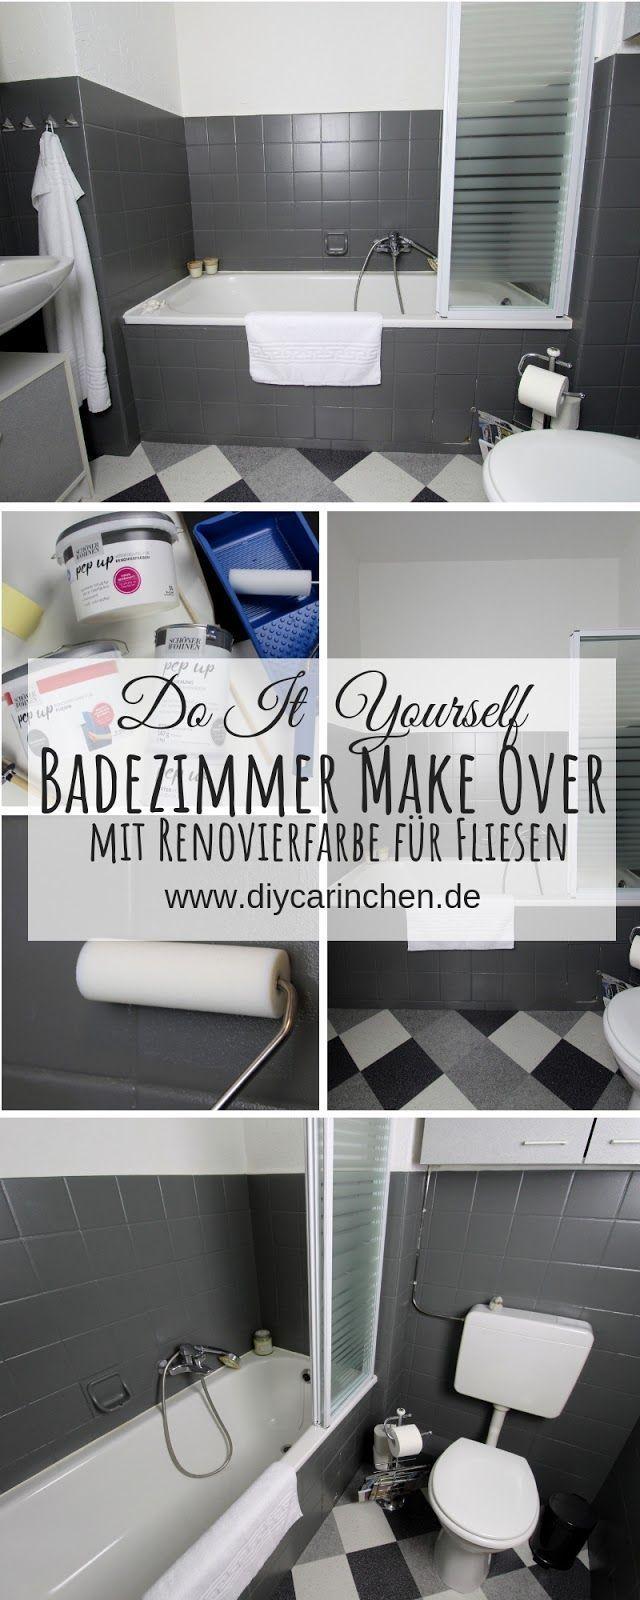 DIY: Badezimmer streichen und renovieren mit Fliesenfarbe - #schönerwohnen